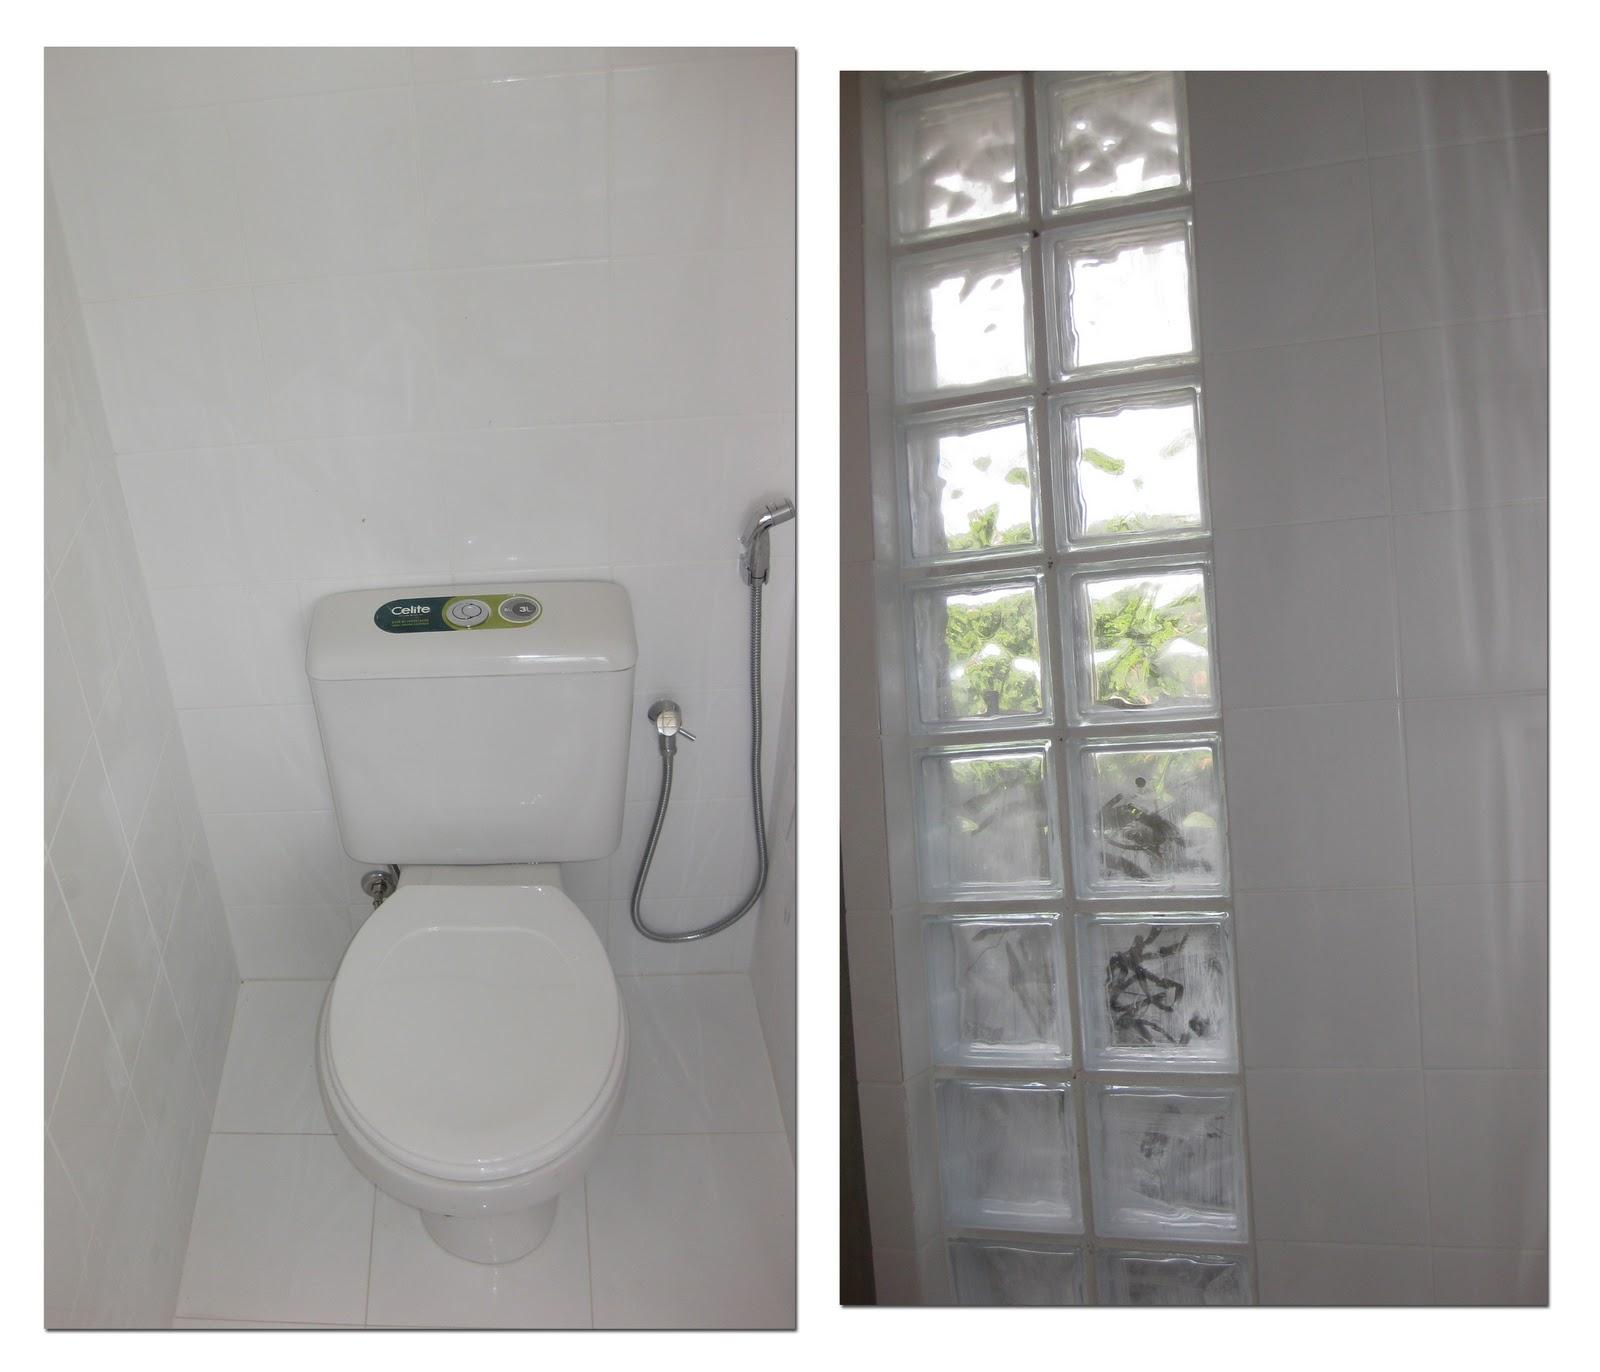 Reforma lá de casa: BALANÇO GERAL: Semana 7: De prazer levantou  #696F5C 1600x1372 Banheiro Com Tijolo De Vidro No Box